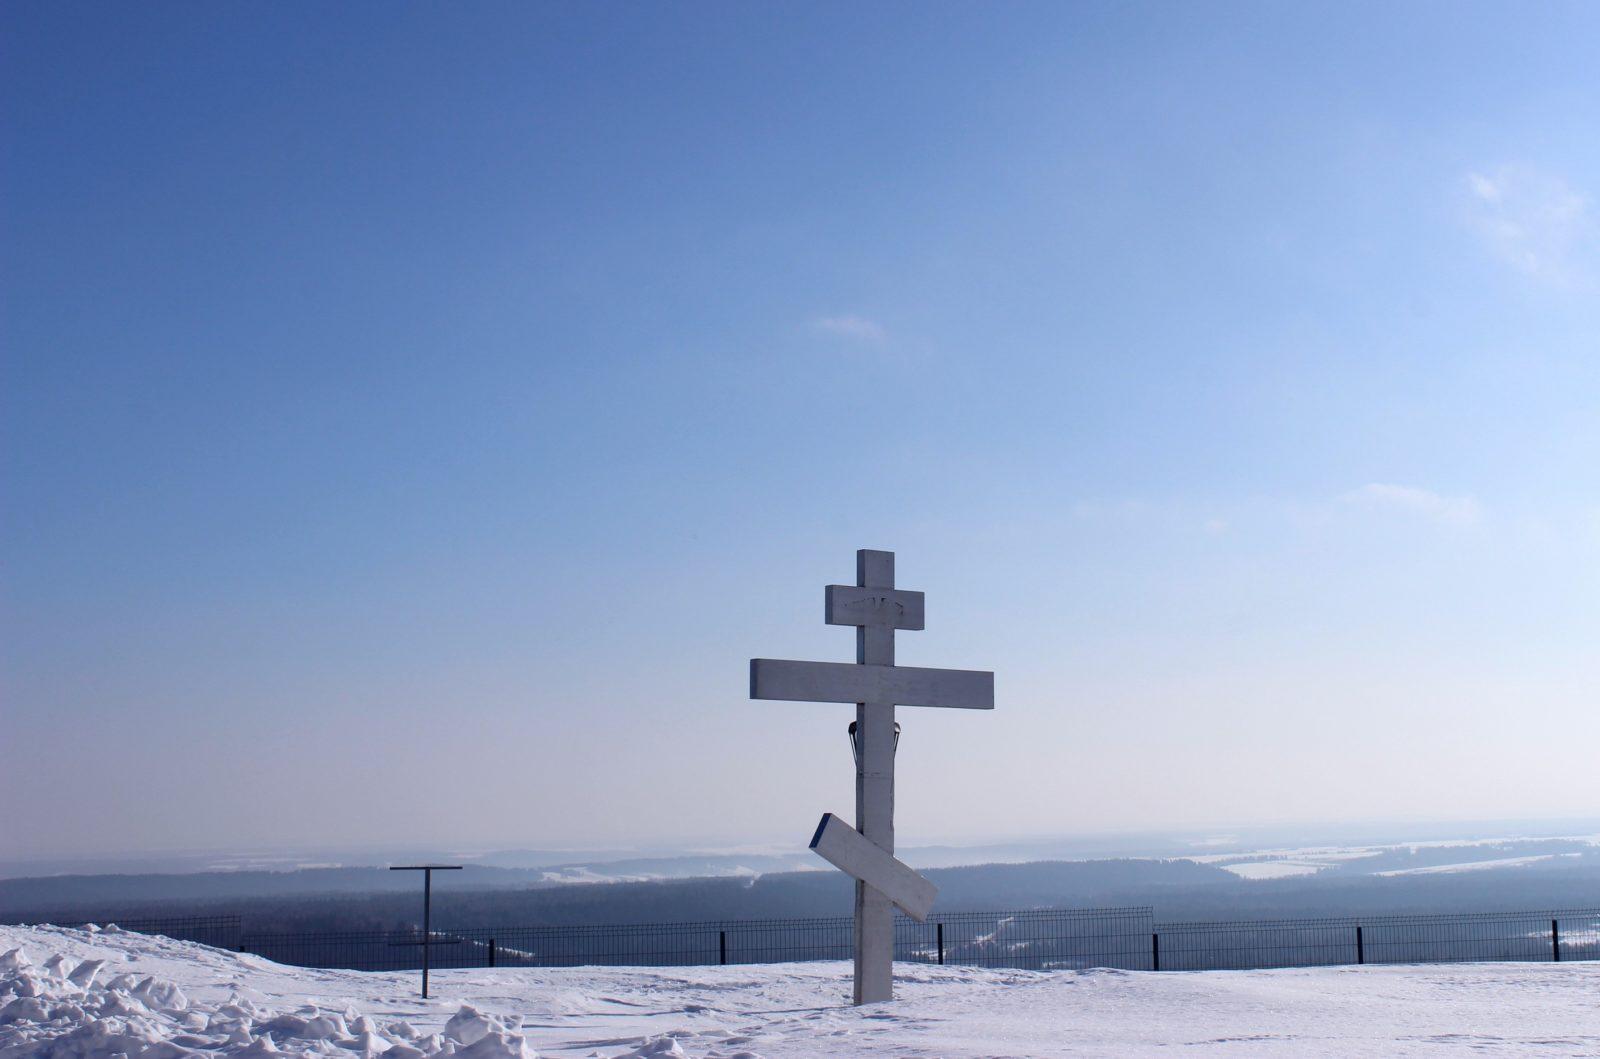 Царский крест на Белой горе / ketvilz.ru